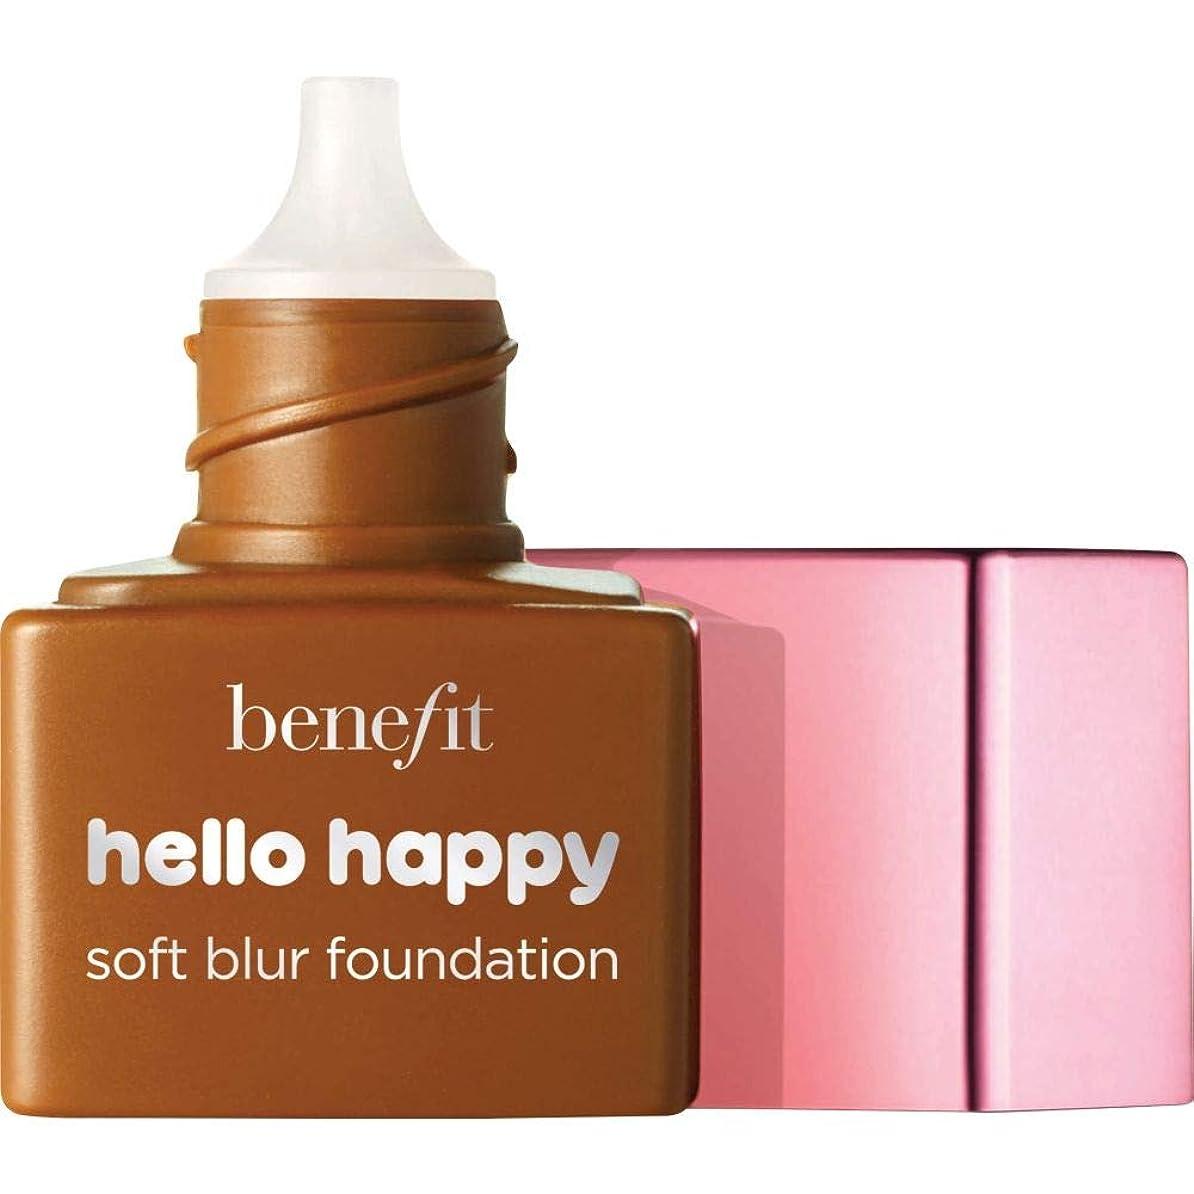 ギャロップブラインド配送[Benefit ] ミニ9 - - ハロー幸せソフトブラー基礎Spf15の6ミリリットルの利益中立深いです - Benefit Hello Happy Soft Blur Foundation SPF15 6ml - Mini 9 - Deep Neutral [並行輸入品]